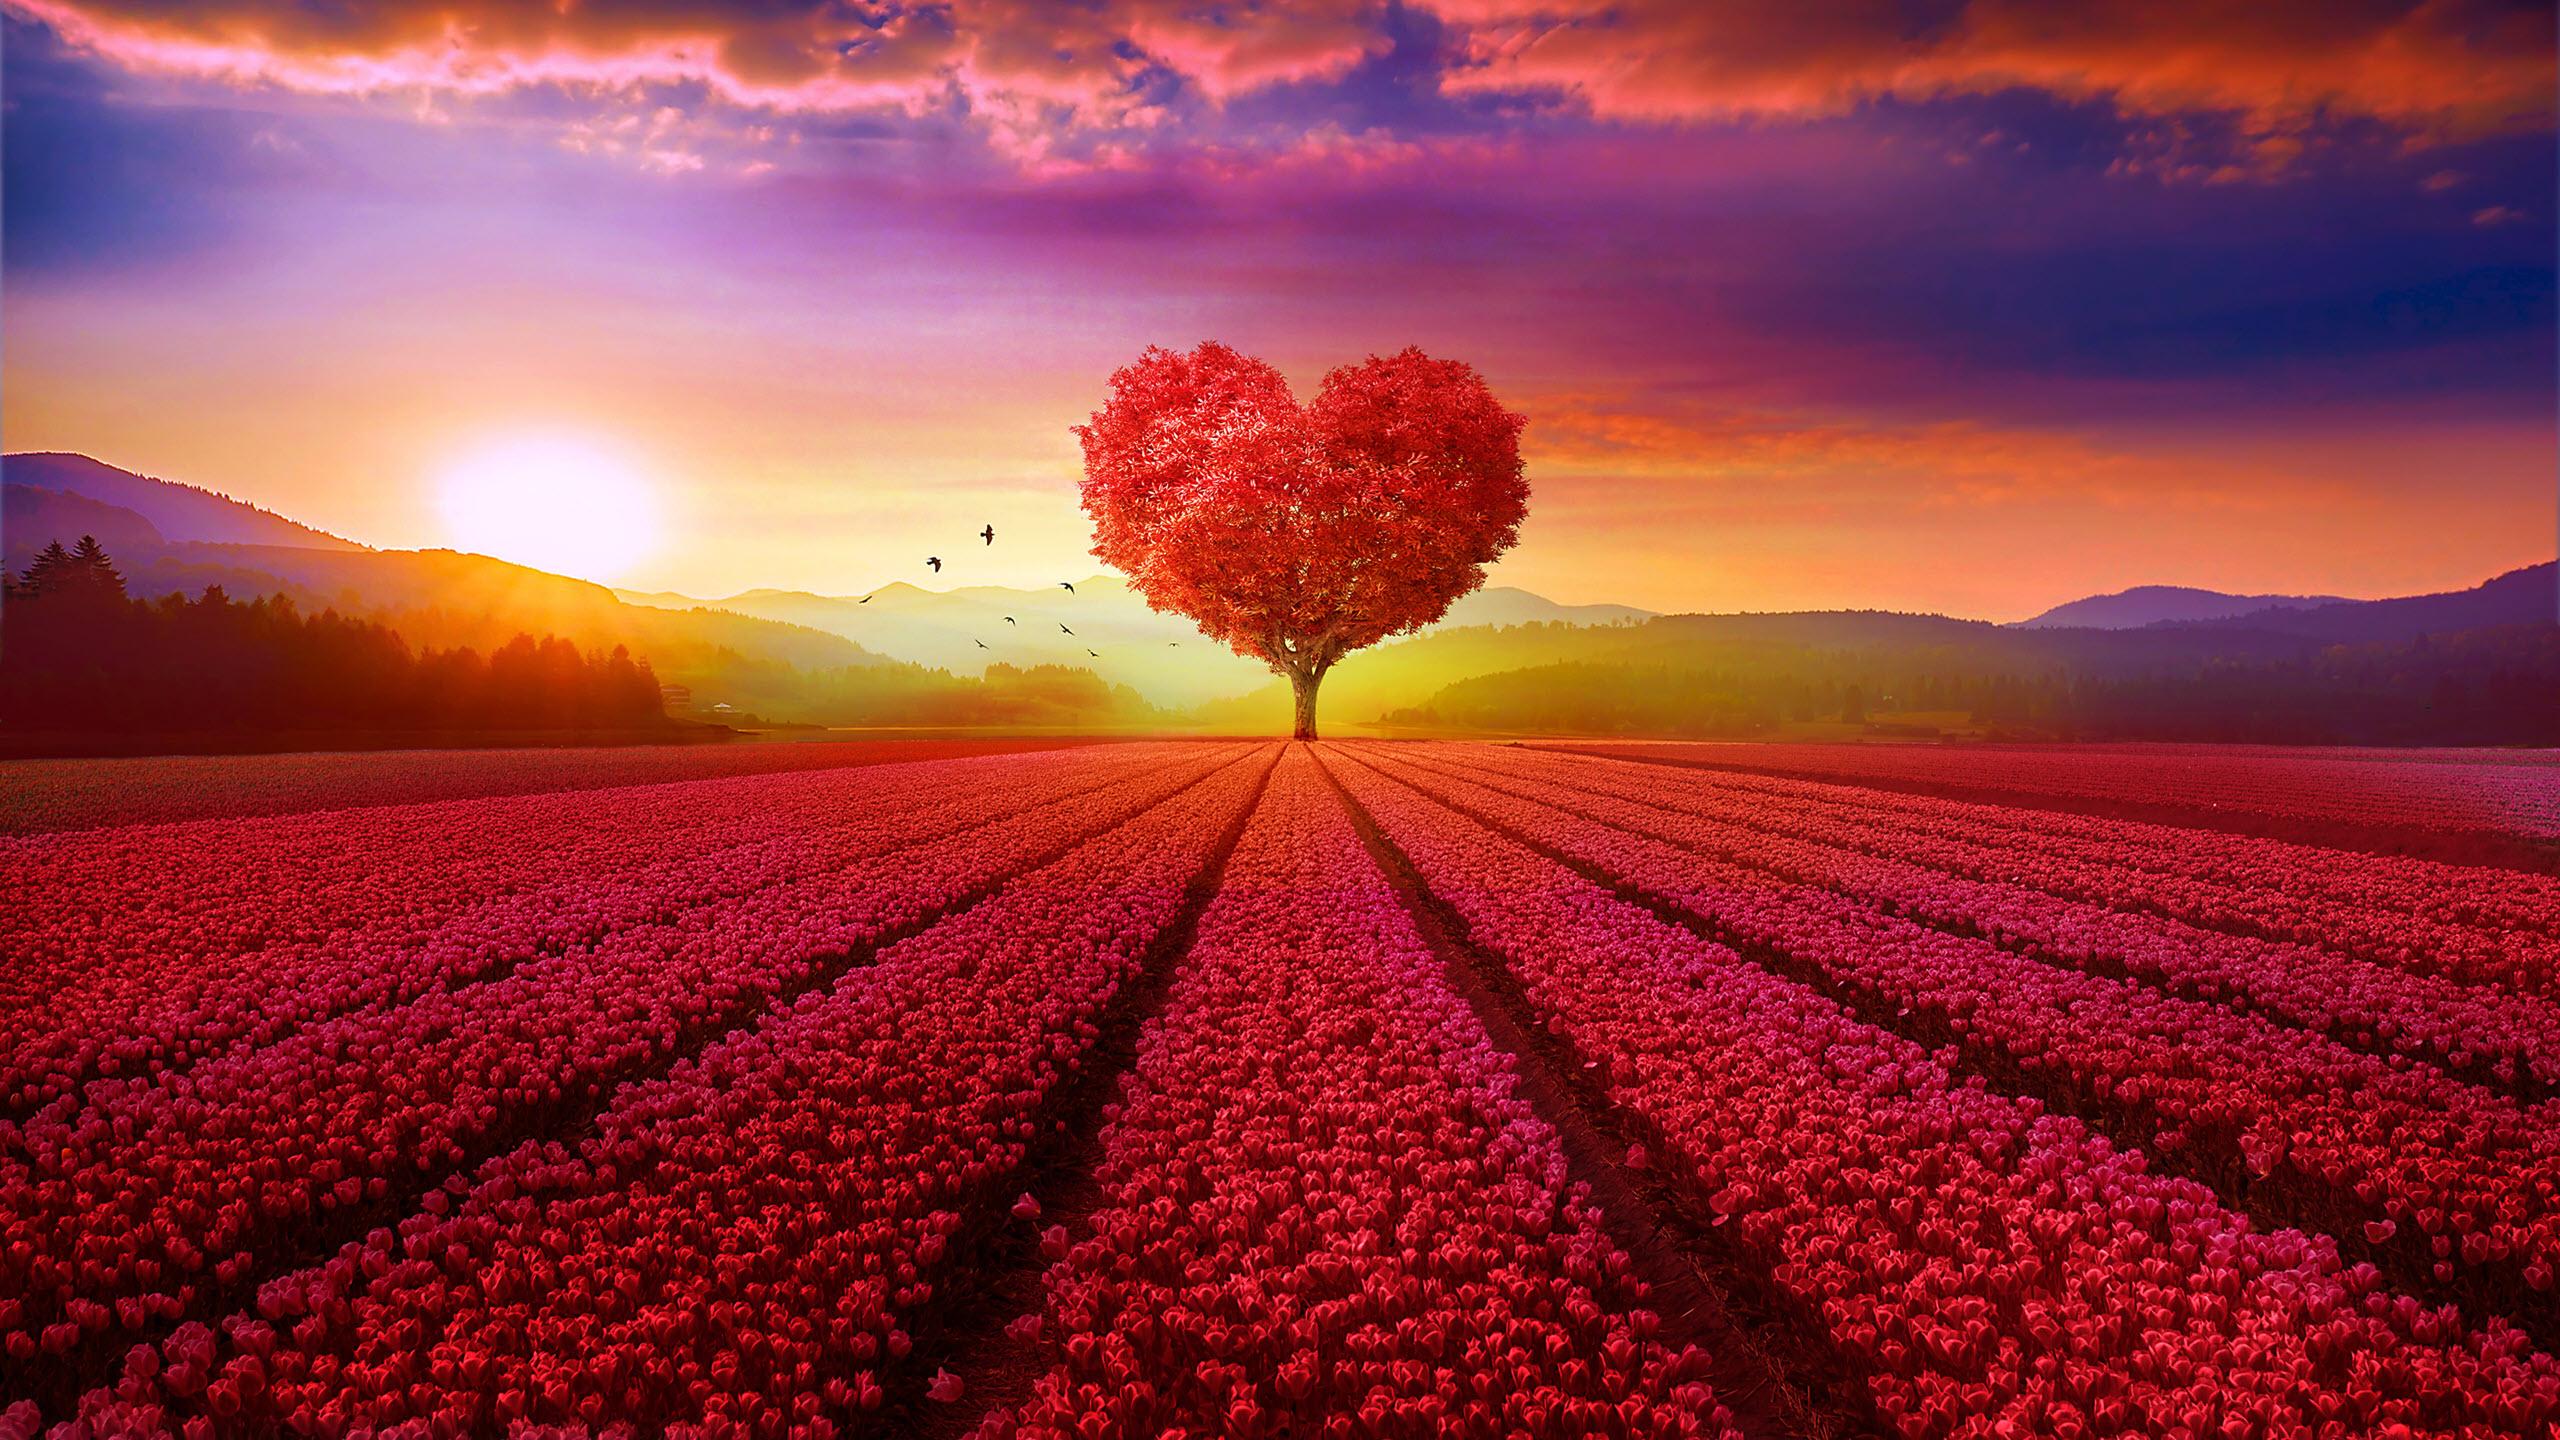 Hình nền phong cảnh tình yêu